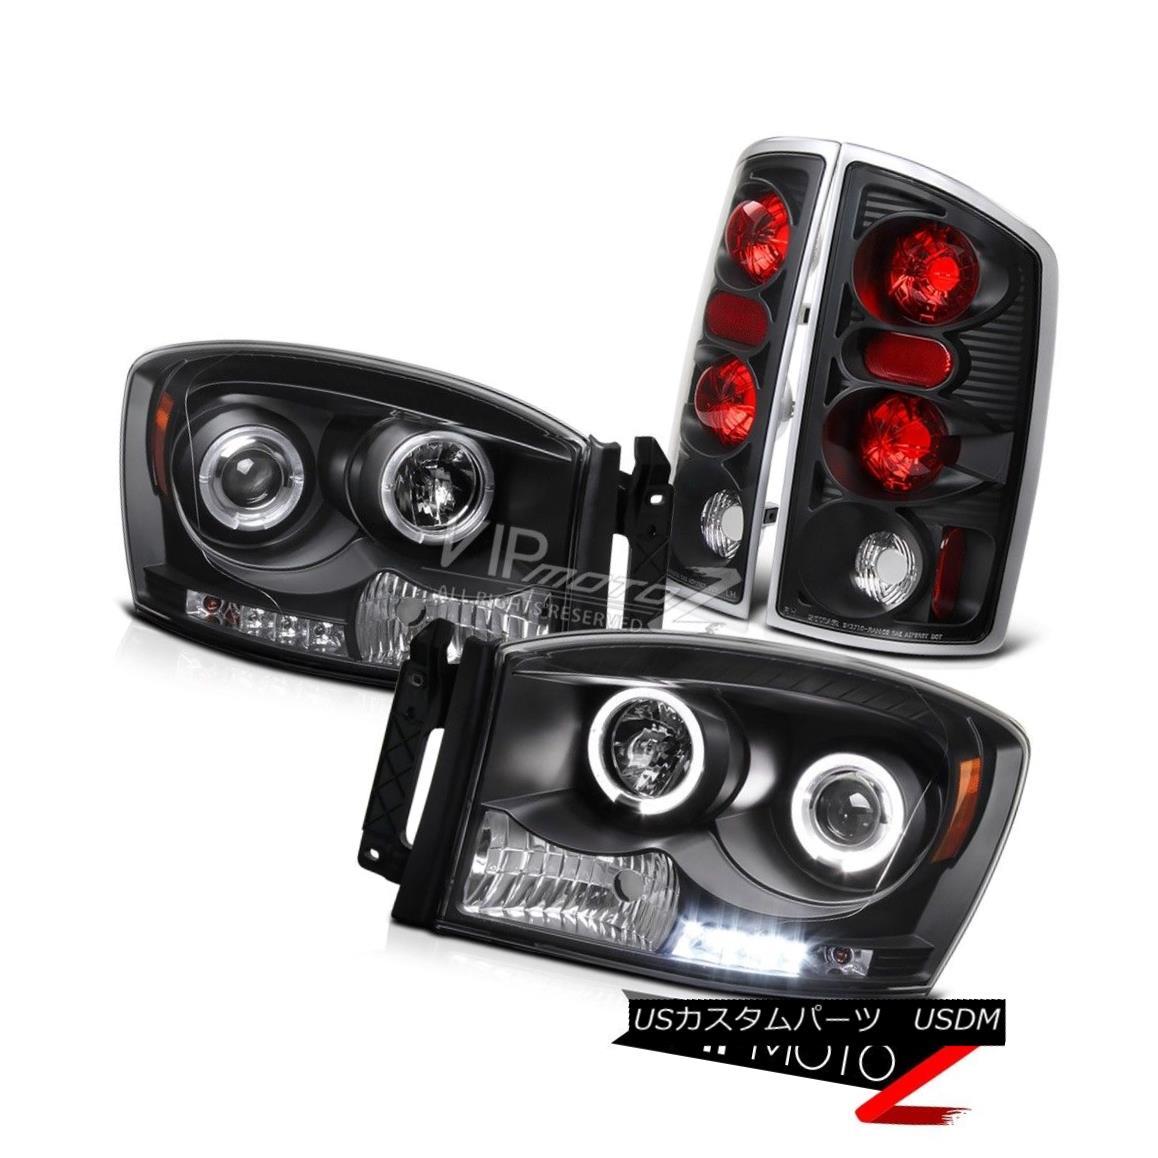 テールライト 2006 Dodge RAM 1500/2500/3500 Black HaLo Projector Headlight+ Taillight 2006ダッジRAM 1500/2500/3500ブラックハロープロジェクターヘッドライト+テールライト